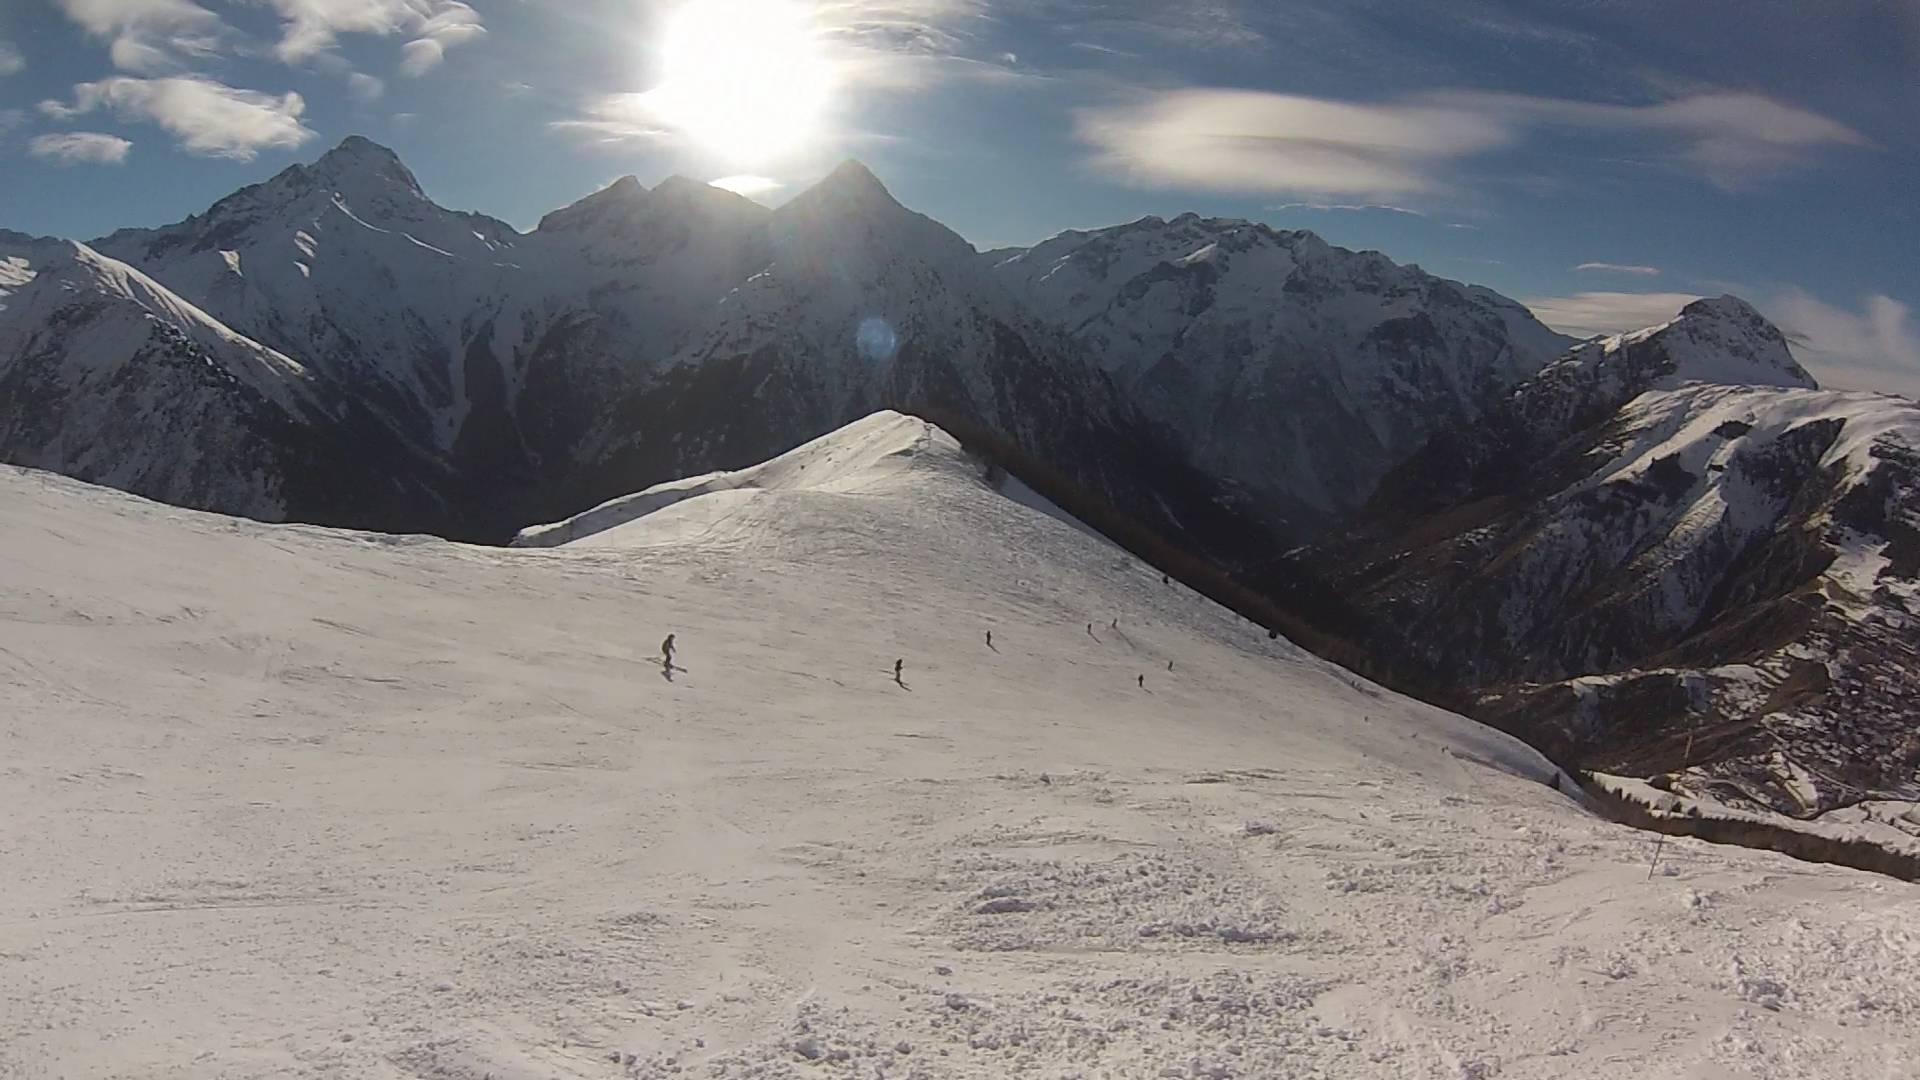 Les deux alpes depuis les pistes